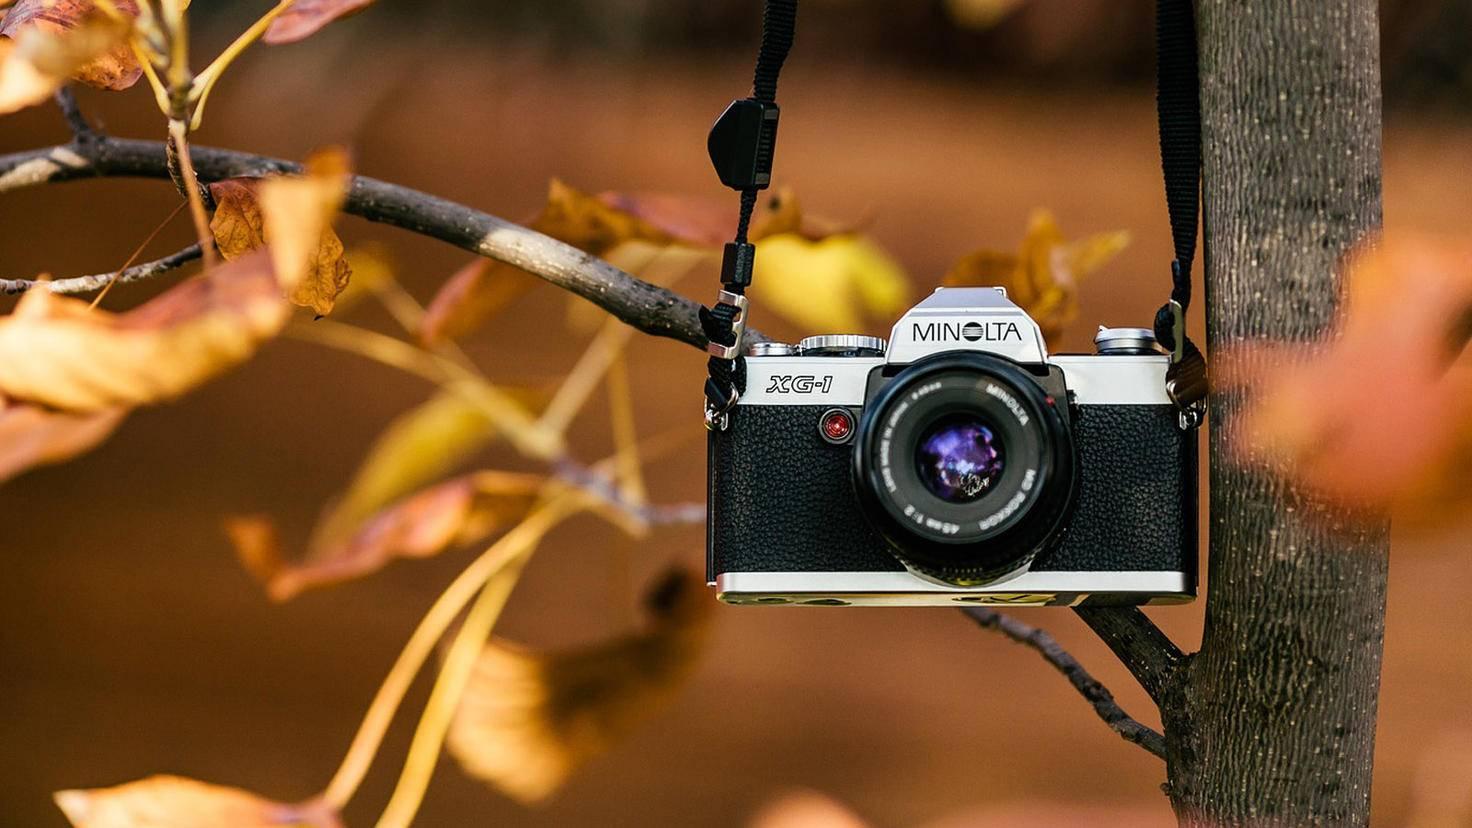 Analoge Spiegelreflexkameras (hier ein Modell von Minolta) sind für ambitionierte Anfänger am besten geeignet.